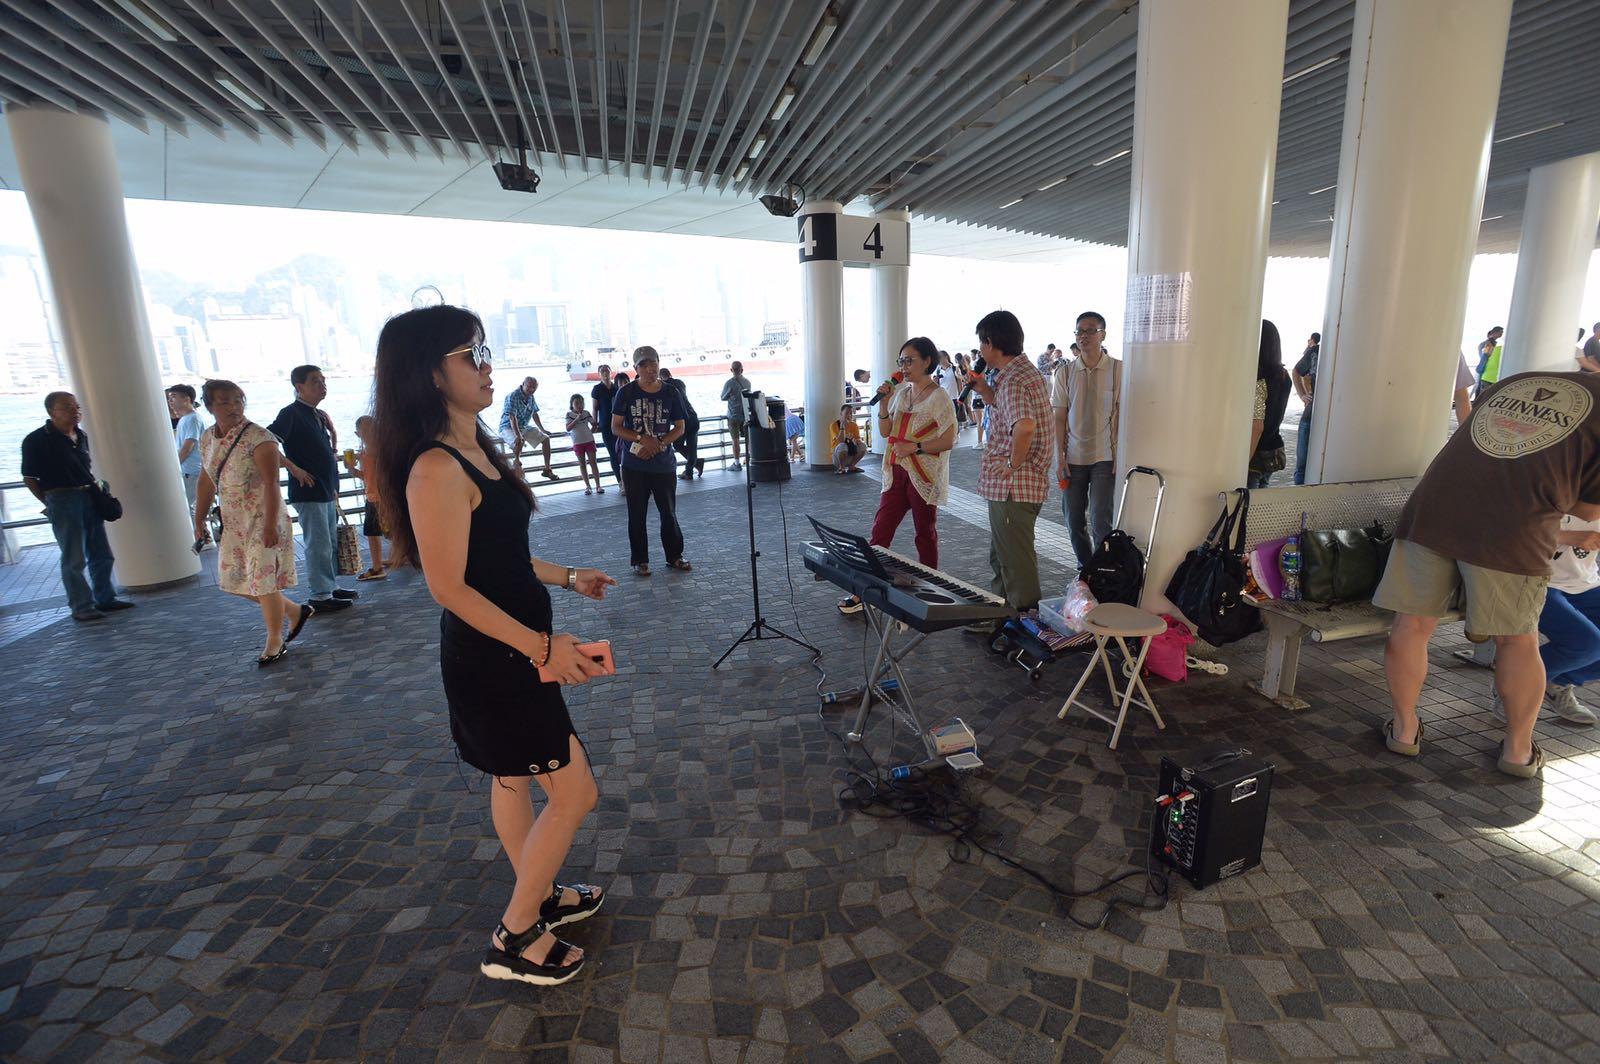 文化中心呼籲表演者請勿使用擴音裝置發出噪音及不能接受打賞。黃賢創攝